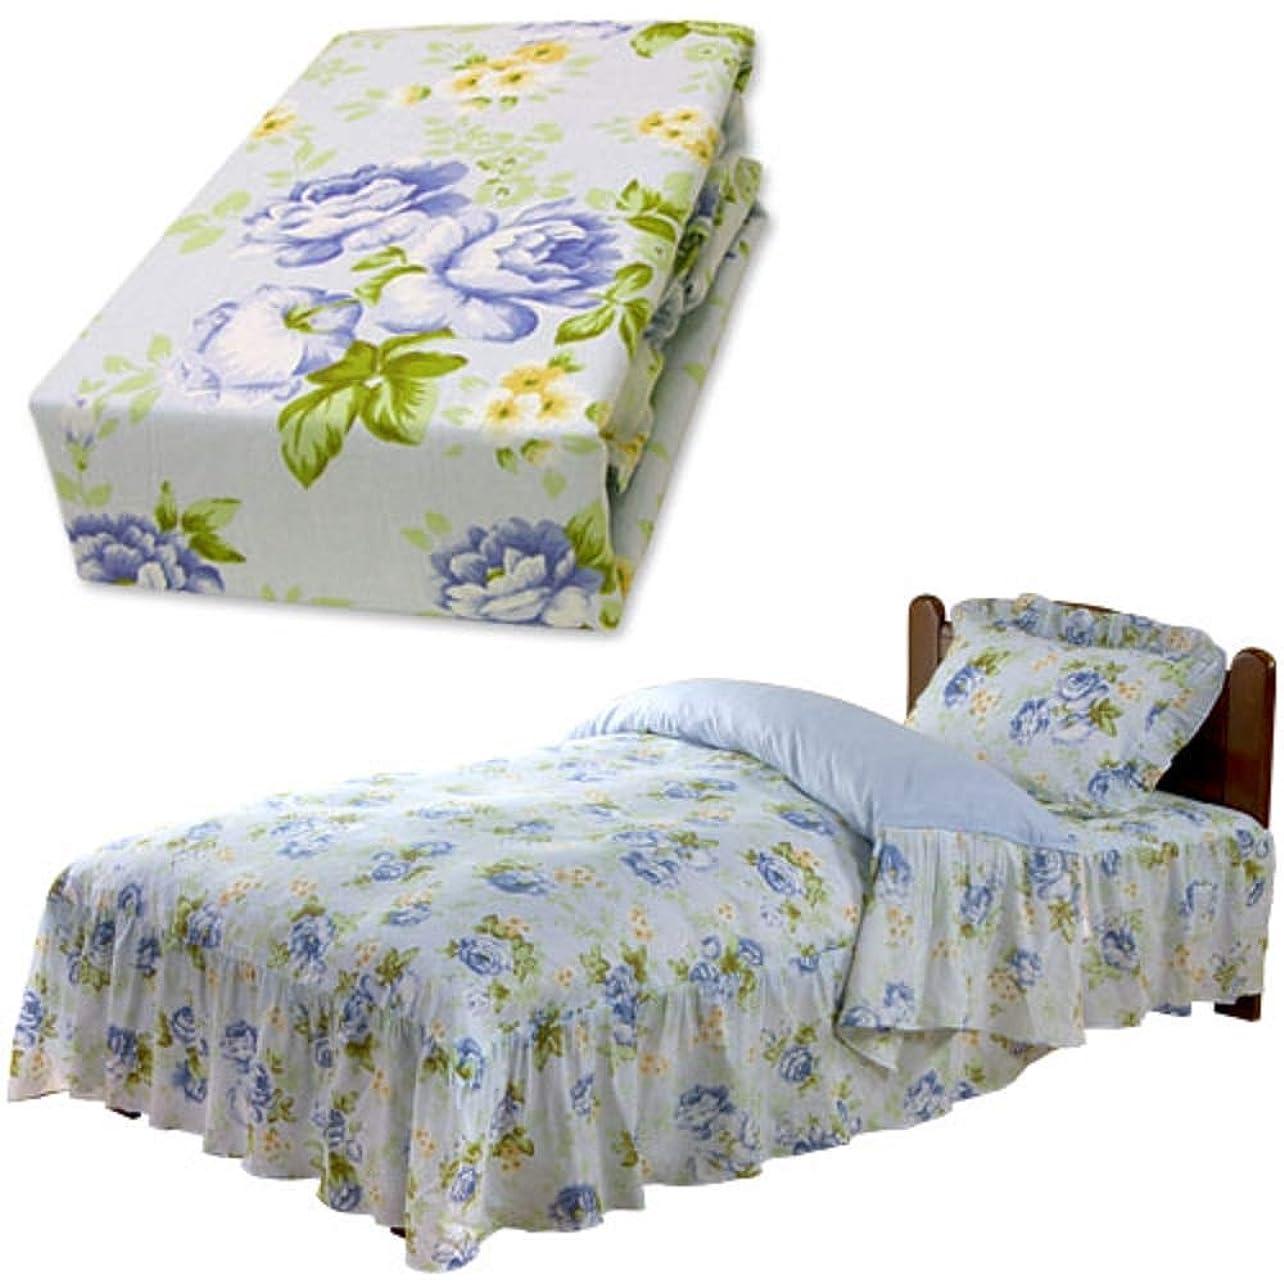 トロリー祖父母を訪問含めるメーカー直販 ロココ調 ベッドスカートフリル付き 花柄ベッド用掛け布団カバー ダブル 190×210cm ※フリル長さ:35cm(各サイズ共通) ブルー